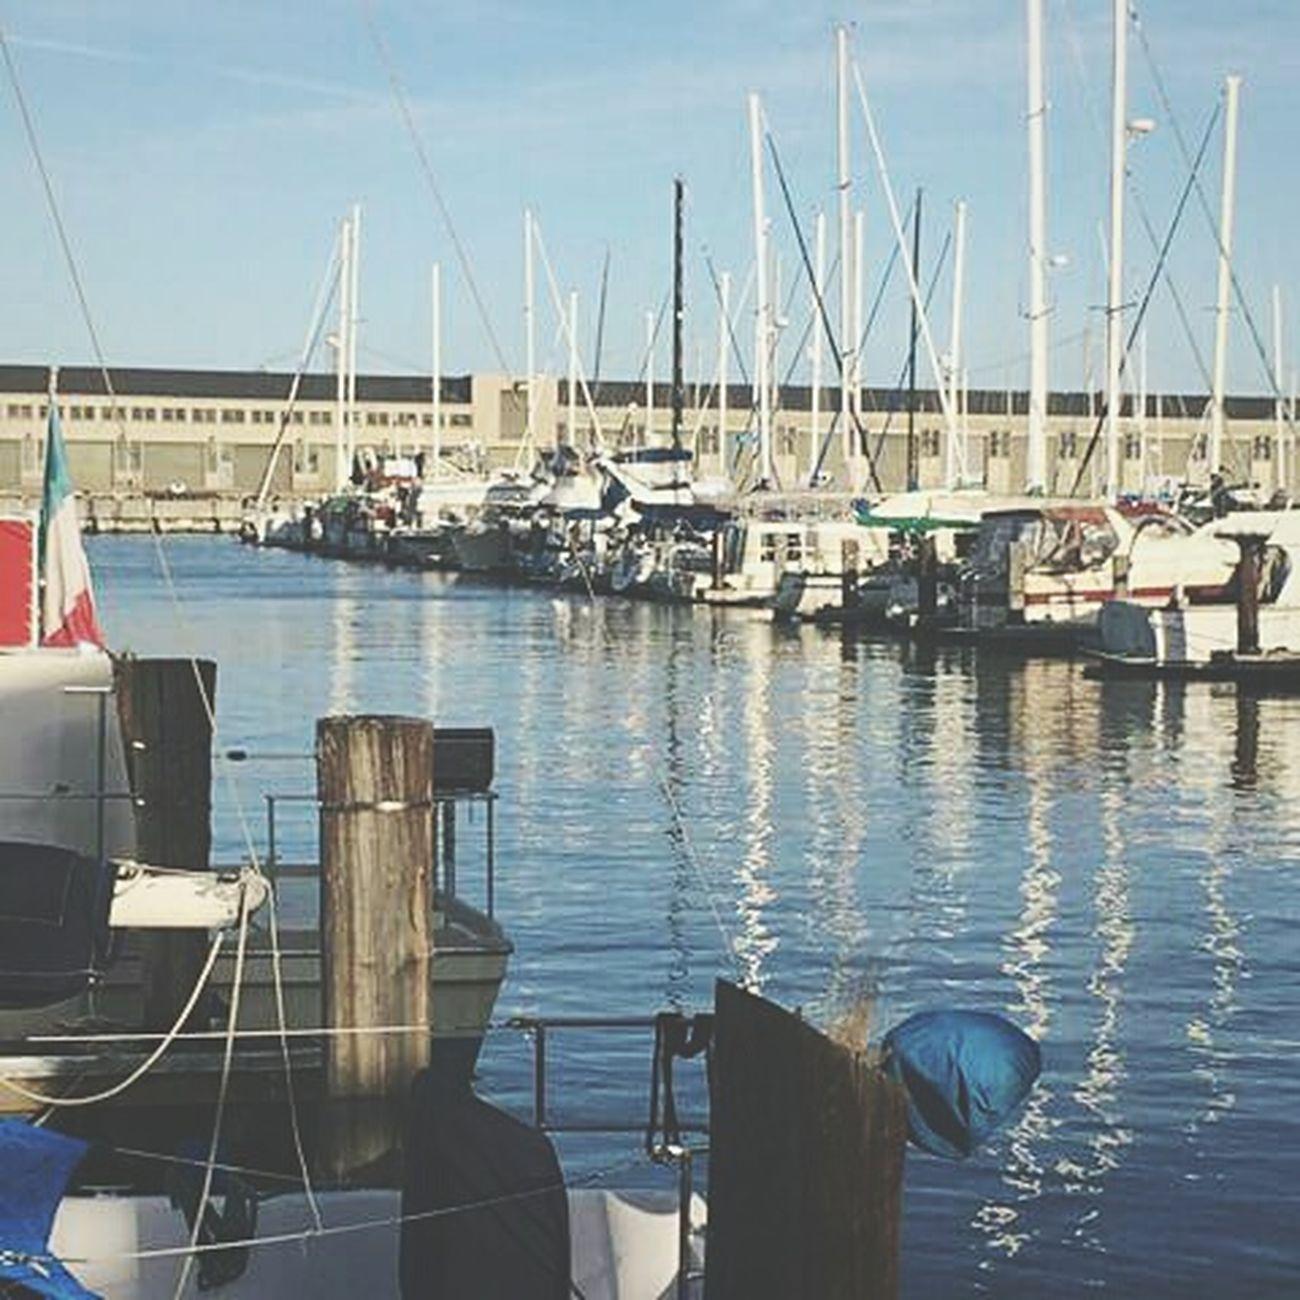 SanFranciscoBay Harbor Water Sailboat Sea Sailing Ship Outdoors Day